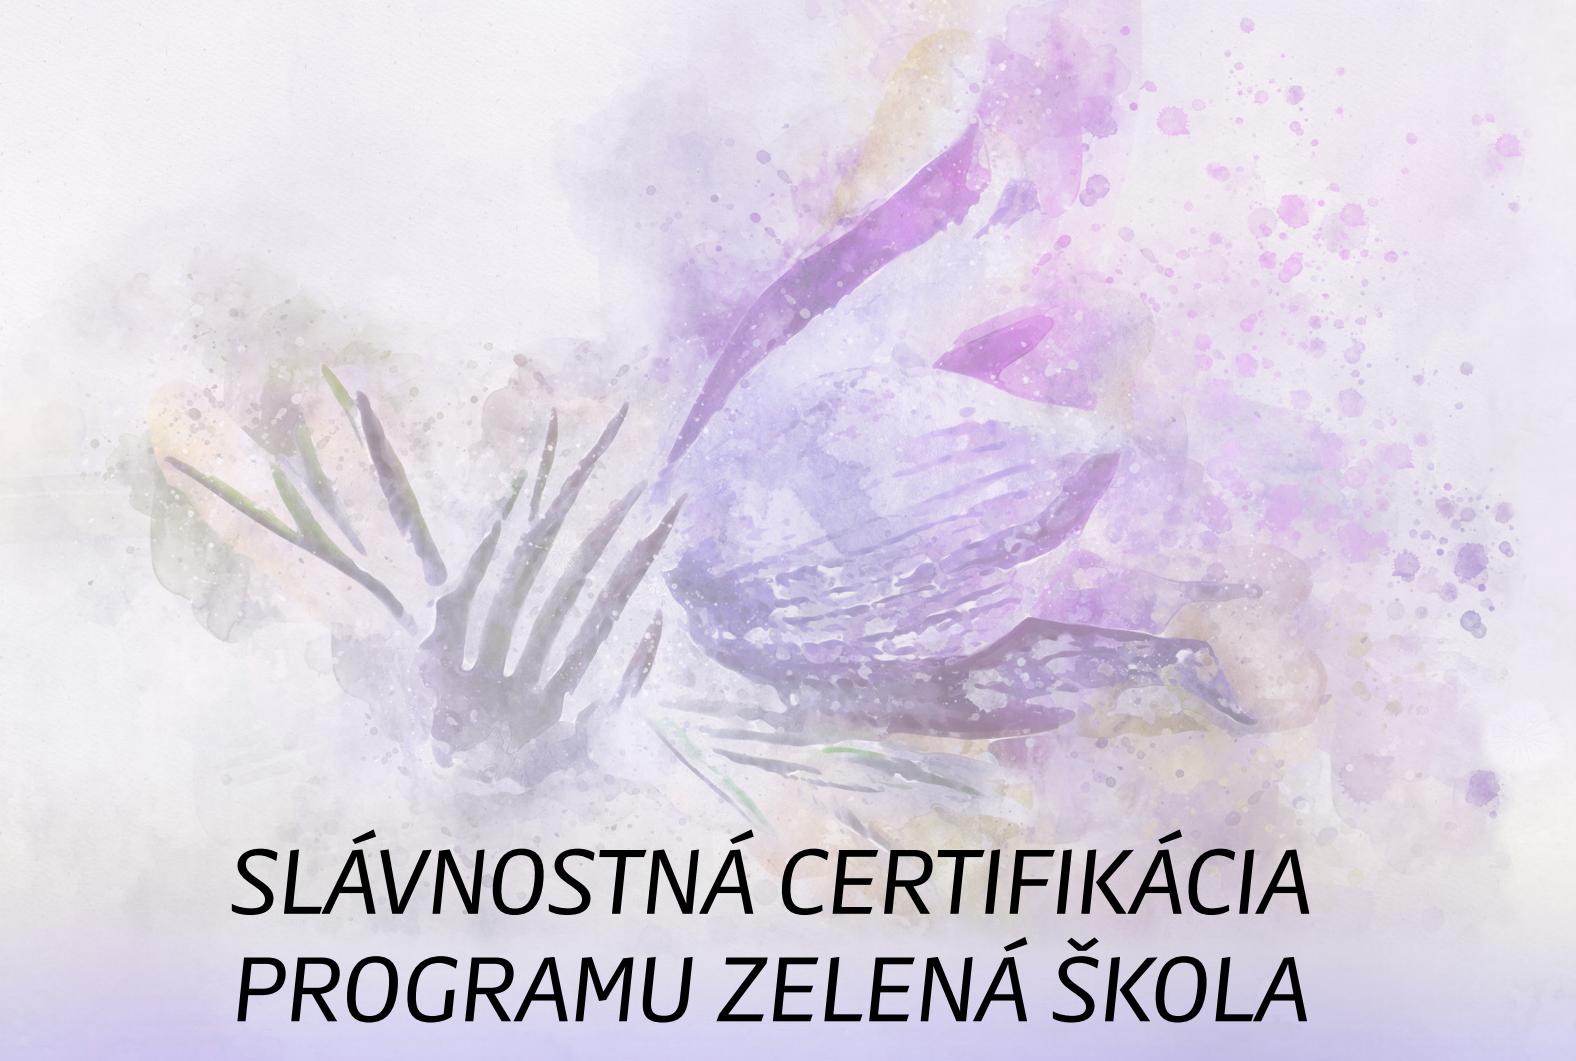 20180911204342_certifikaciazelenaskolapng.png